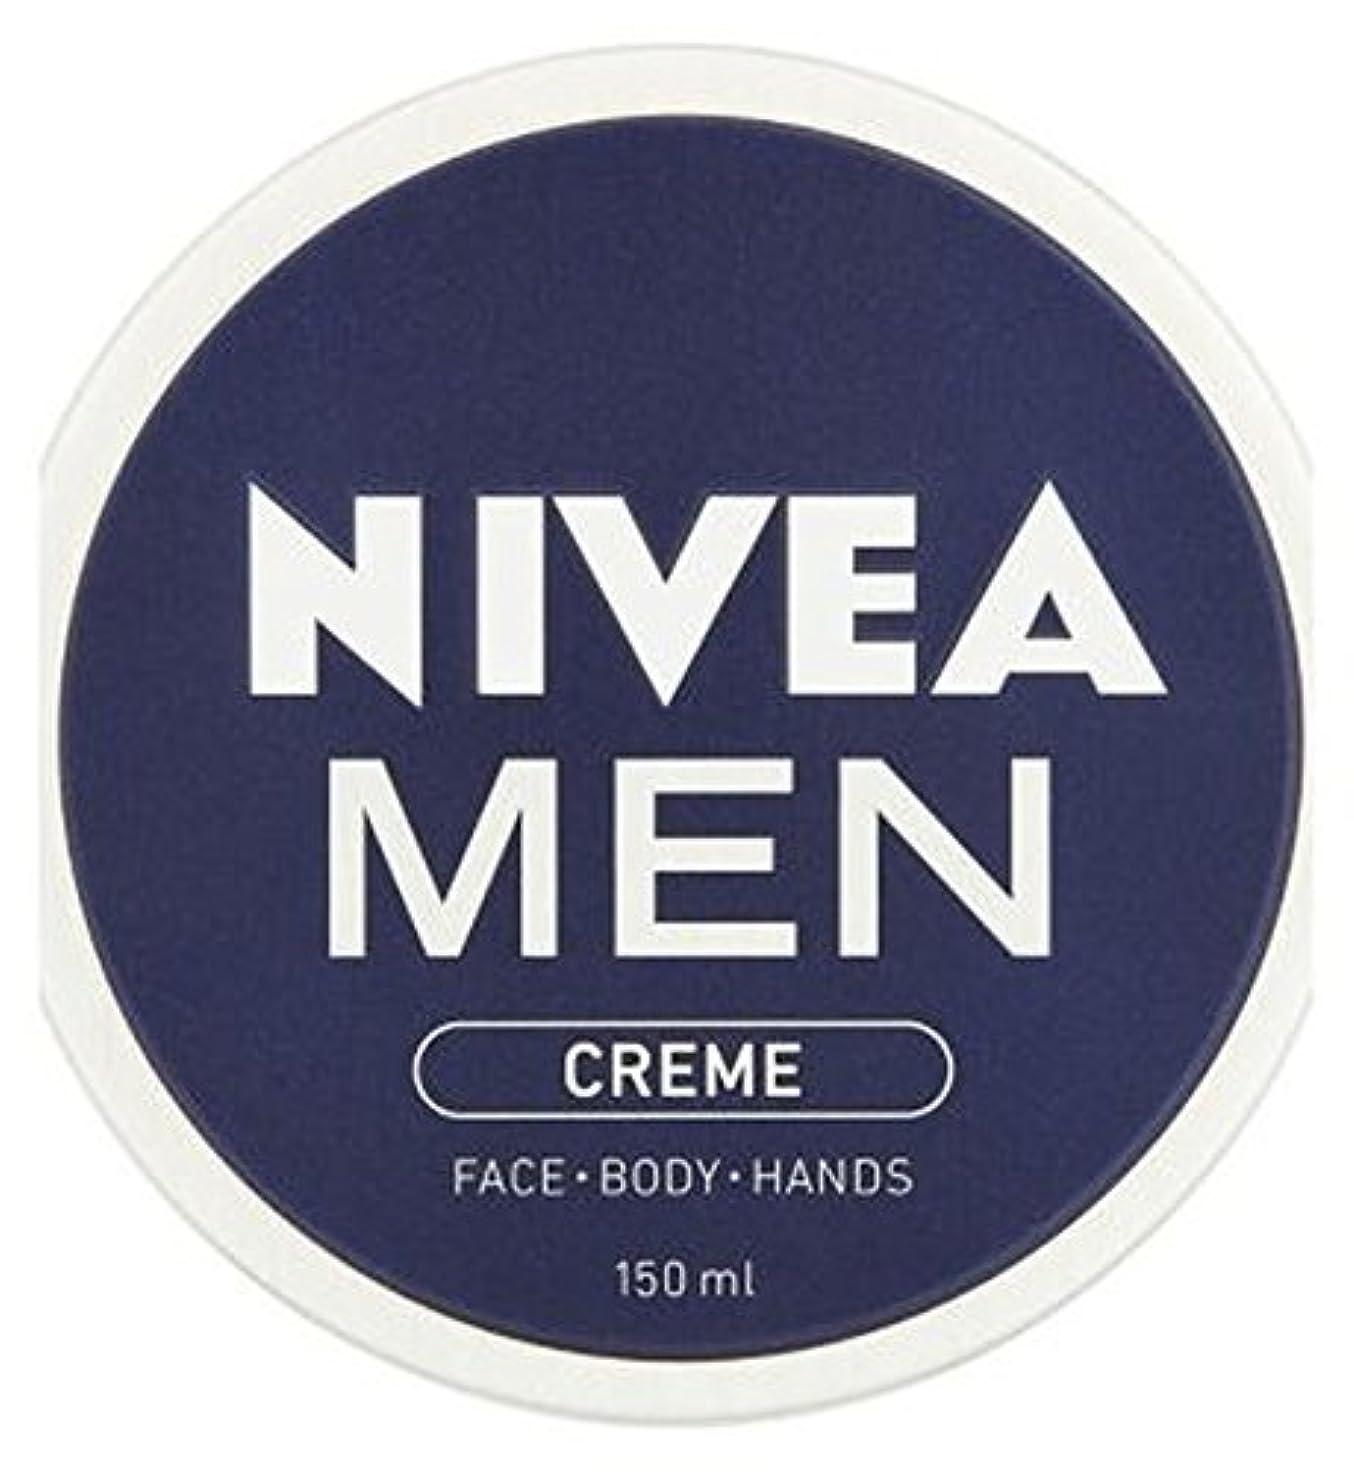 注意出発するゼリーNIVEA MEN Creme 150ml - ニベアの男性が150ミリリットルクリーム (Nivea) [並行輸入品]